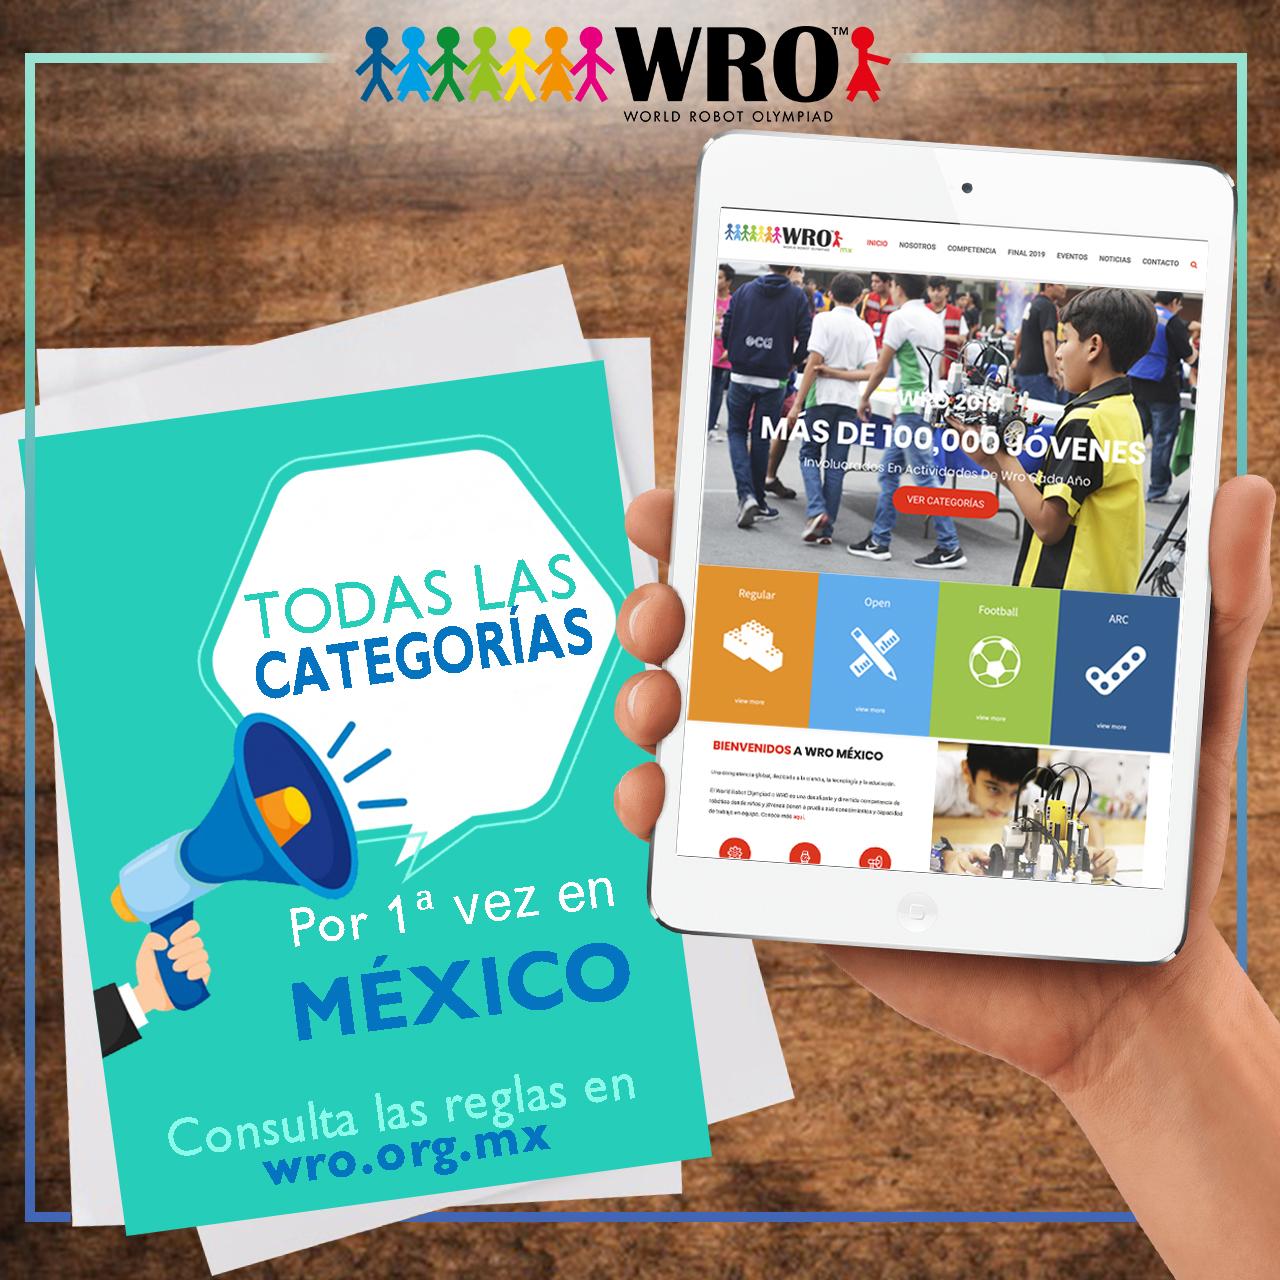 WRO MÉXICO | Todas las categorías